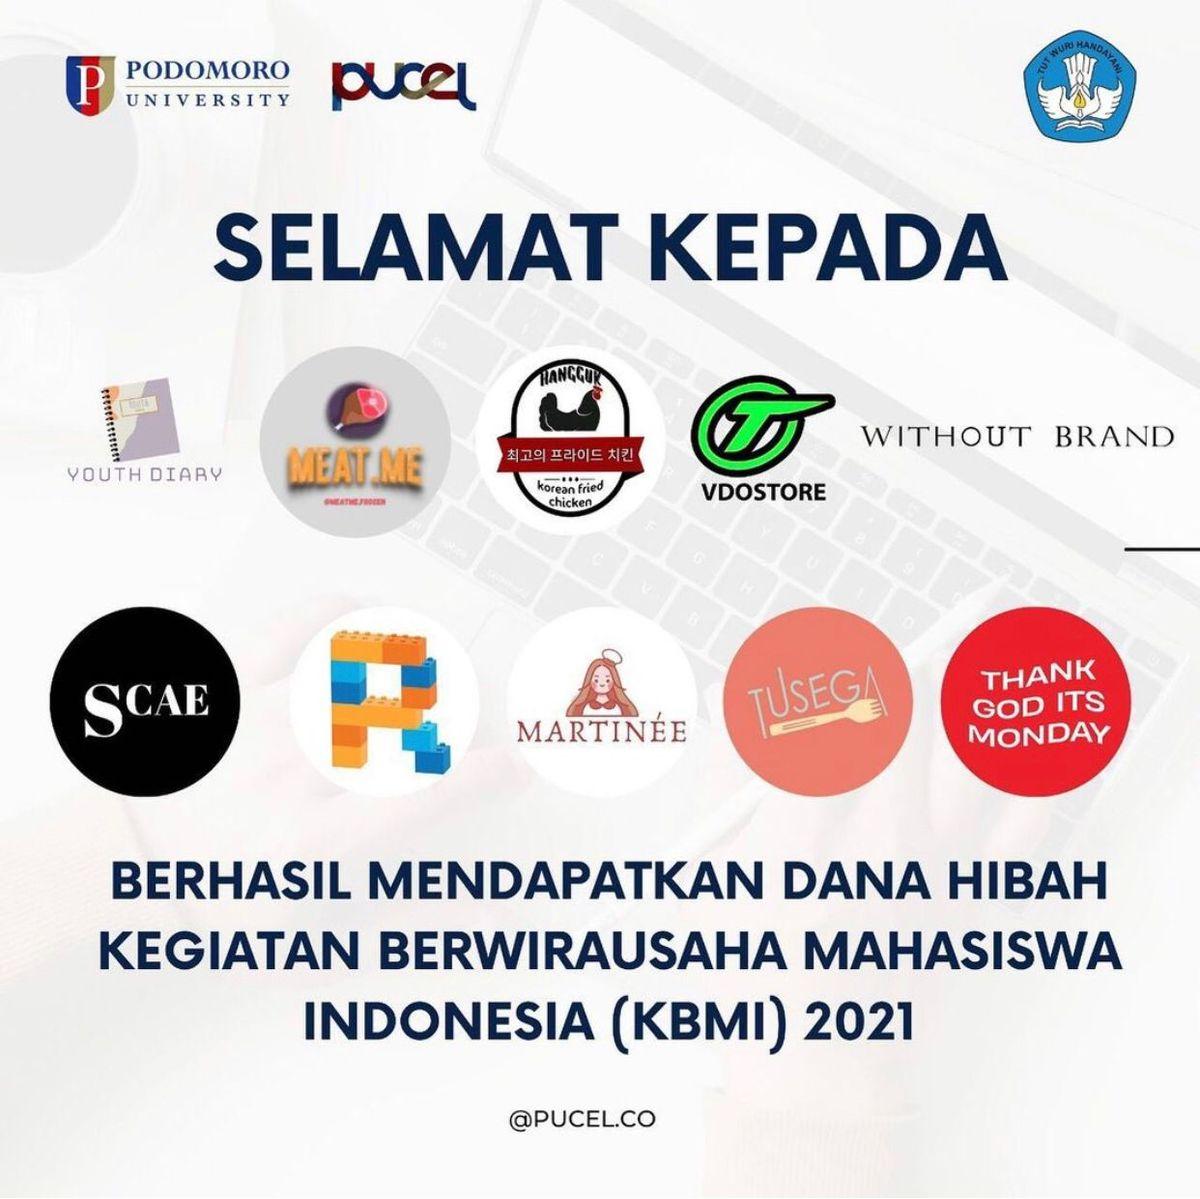 Penerima Dana Hibah Kegiatan Berwirausaha Mahasiswa Indonesia (KBMI) 2021